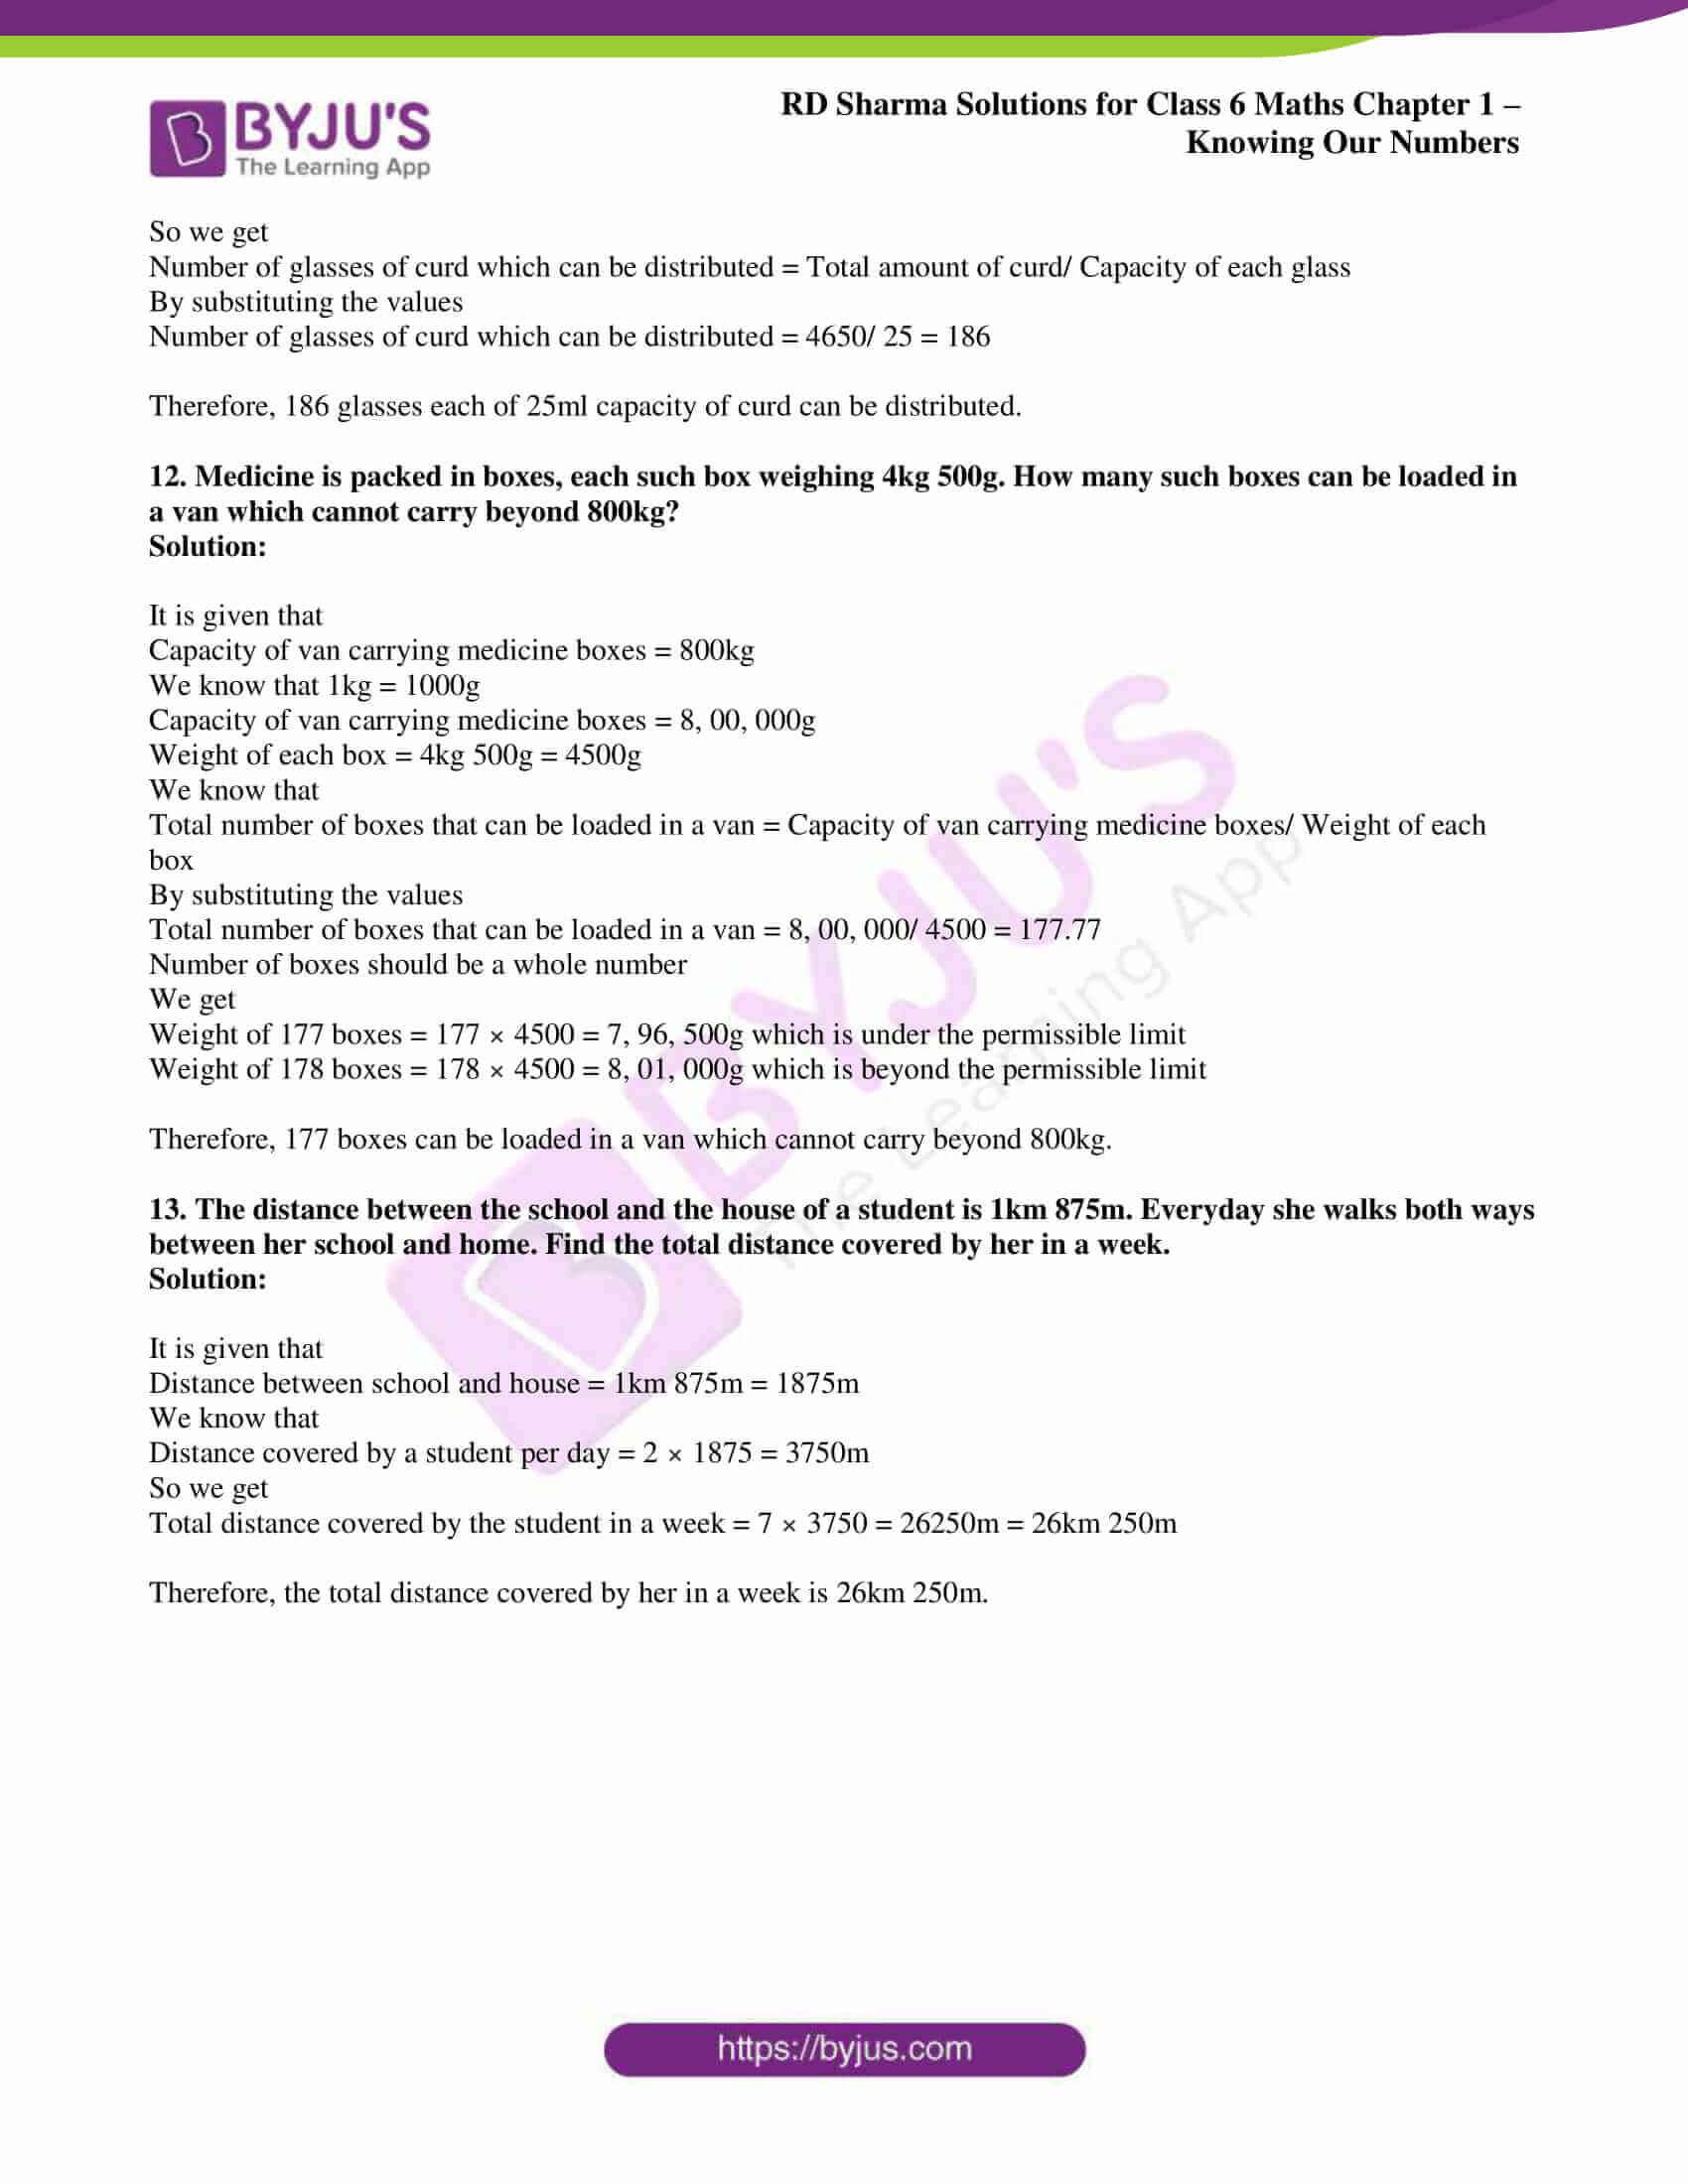 rd sharma class 6 maths solutions chapter 1 ex 5 4